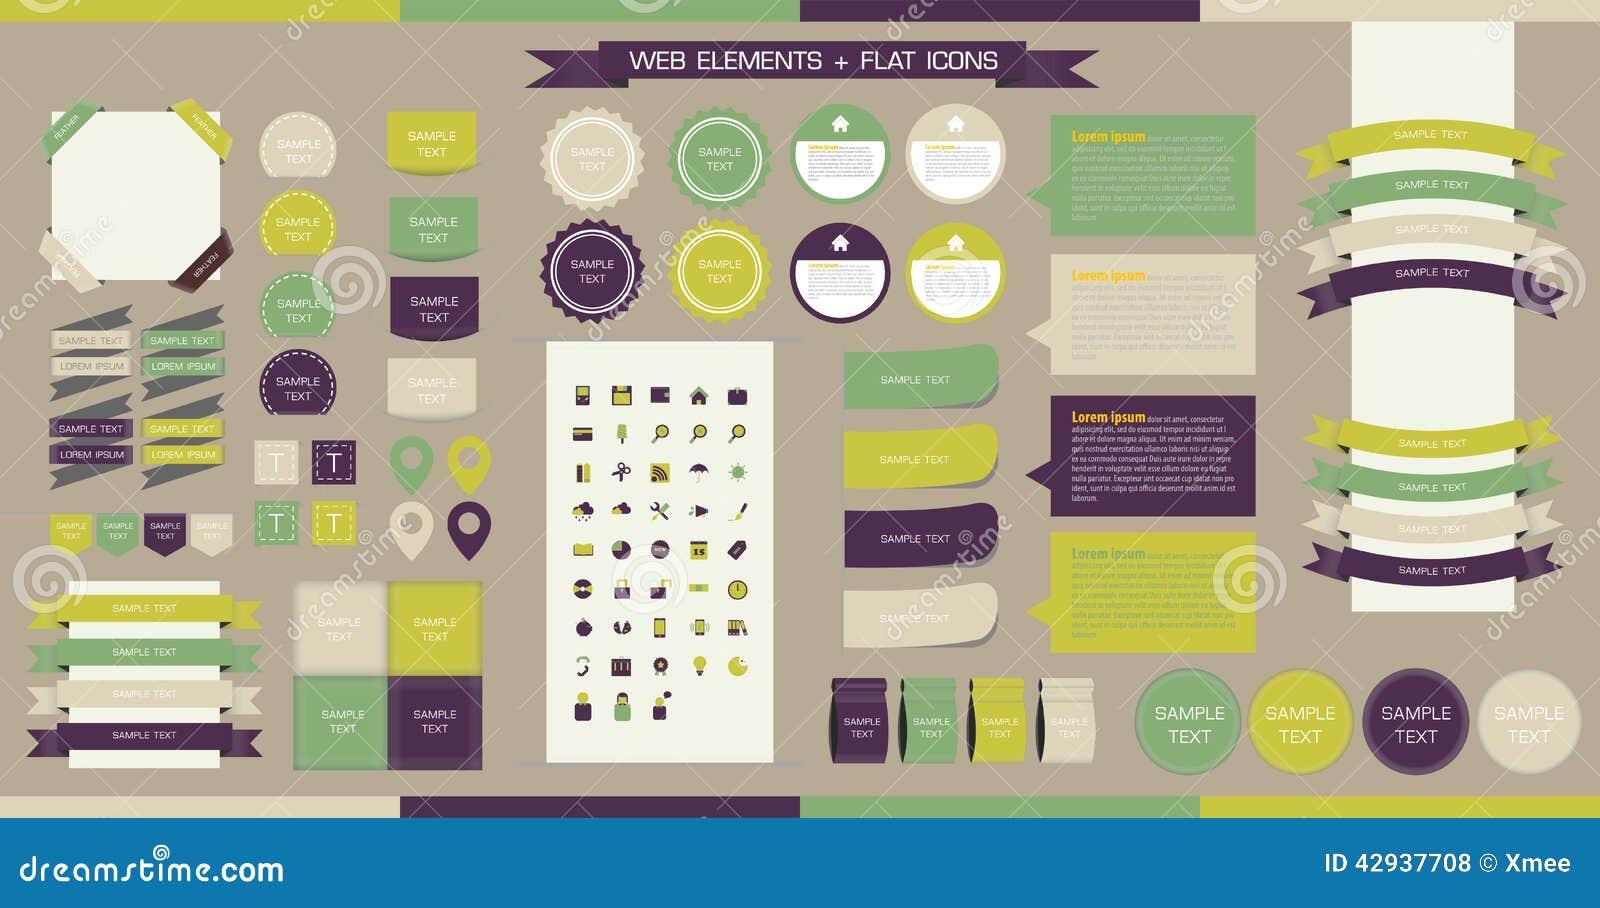 Elementi bottoni e contrassegni di web di vettore sito for Sito web di progettazione edilizia